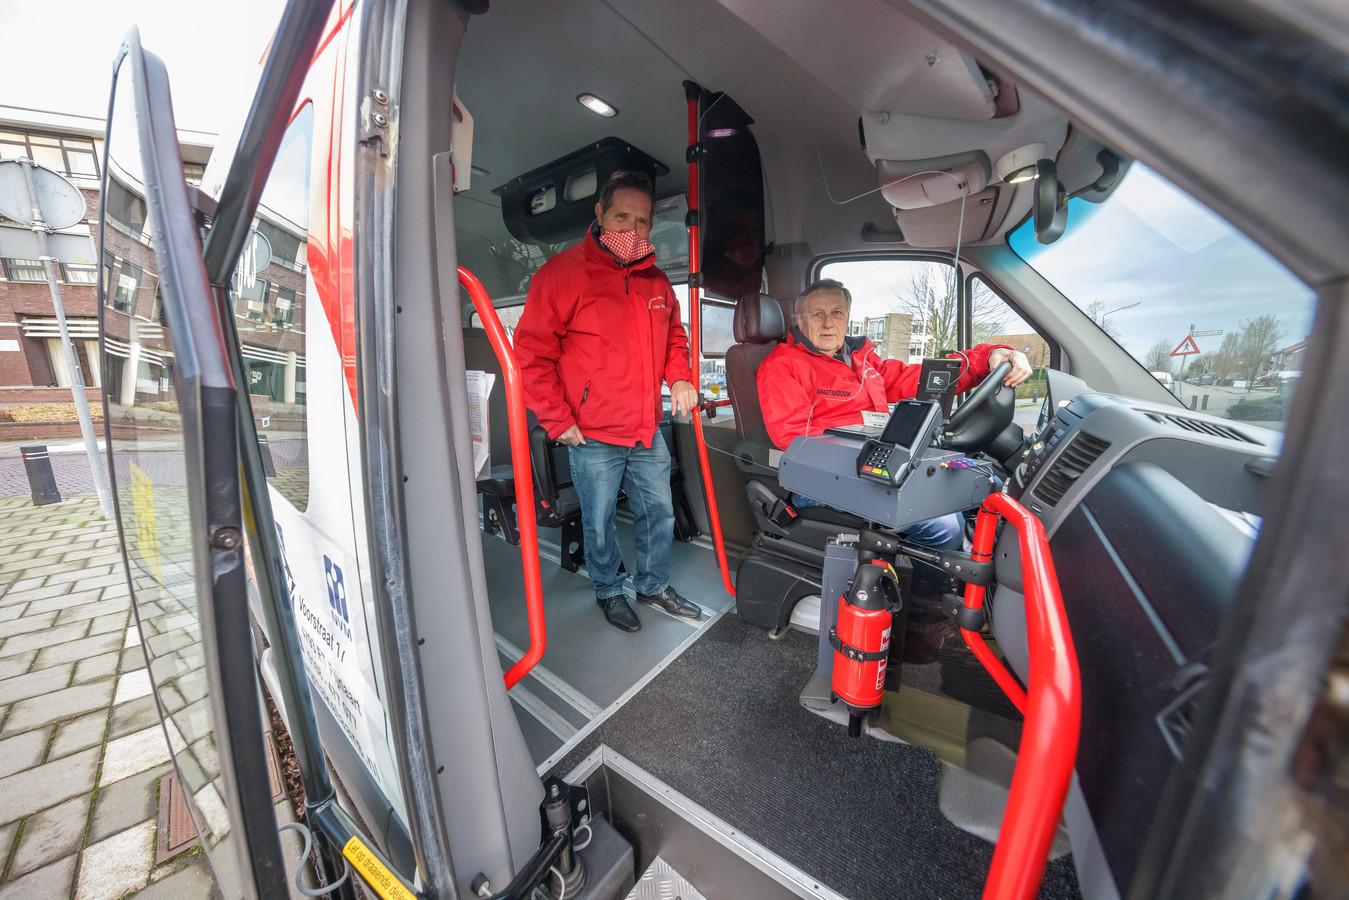 De buurtbussen mogen vanaf 1 maart weer rijden. Tiny Nuiten (links) en Frans Berghout  uit Fijnaart zijn er klaar voor, evenals de bussen. Bij de chauffeur is onder andere plexiglas aangebracht, en aan het plafond hangt een enorme luchtfilter.